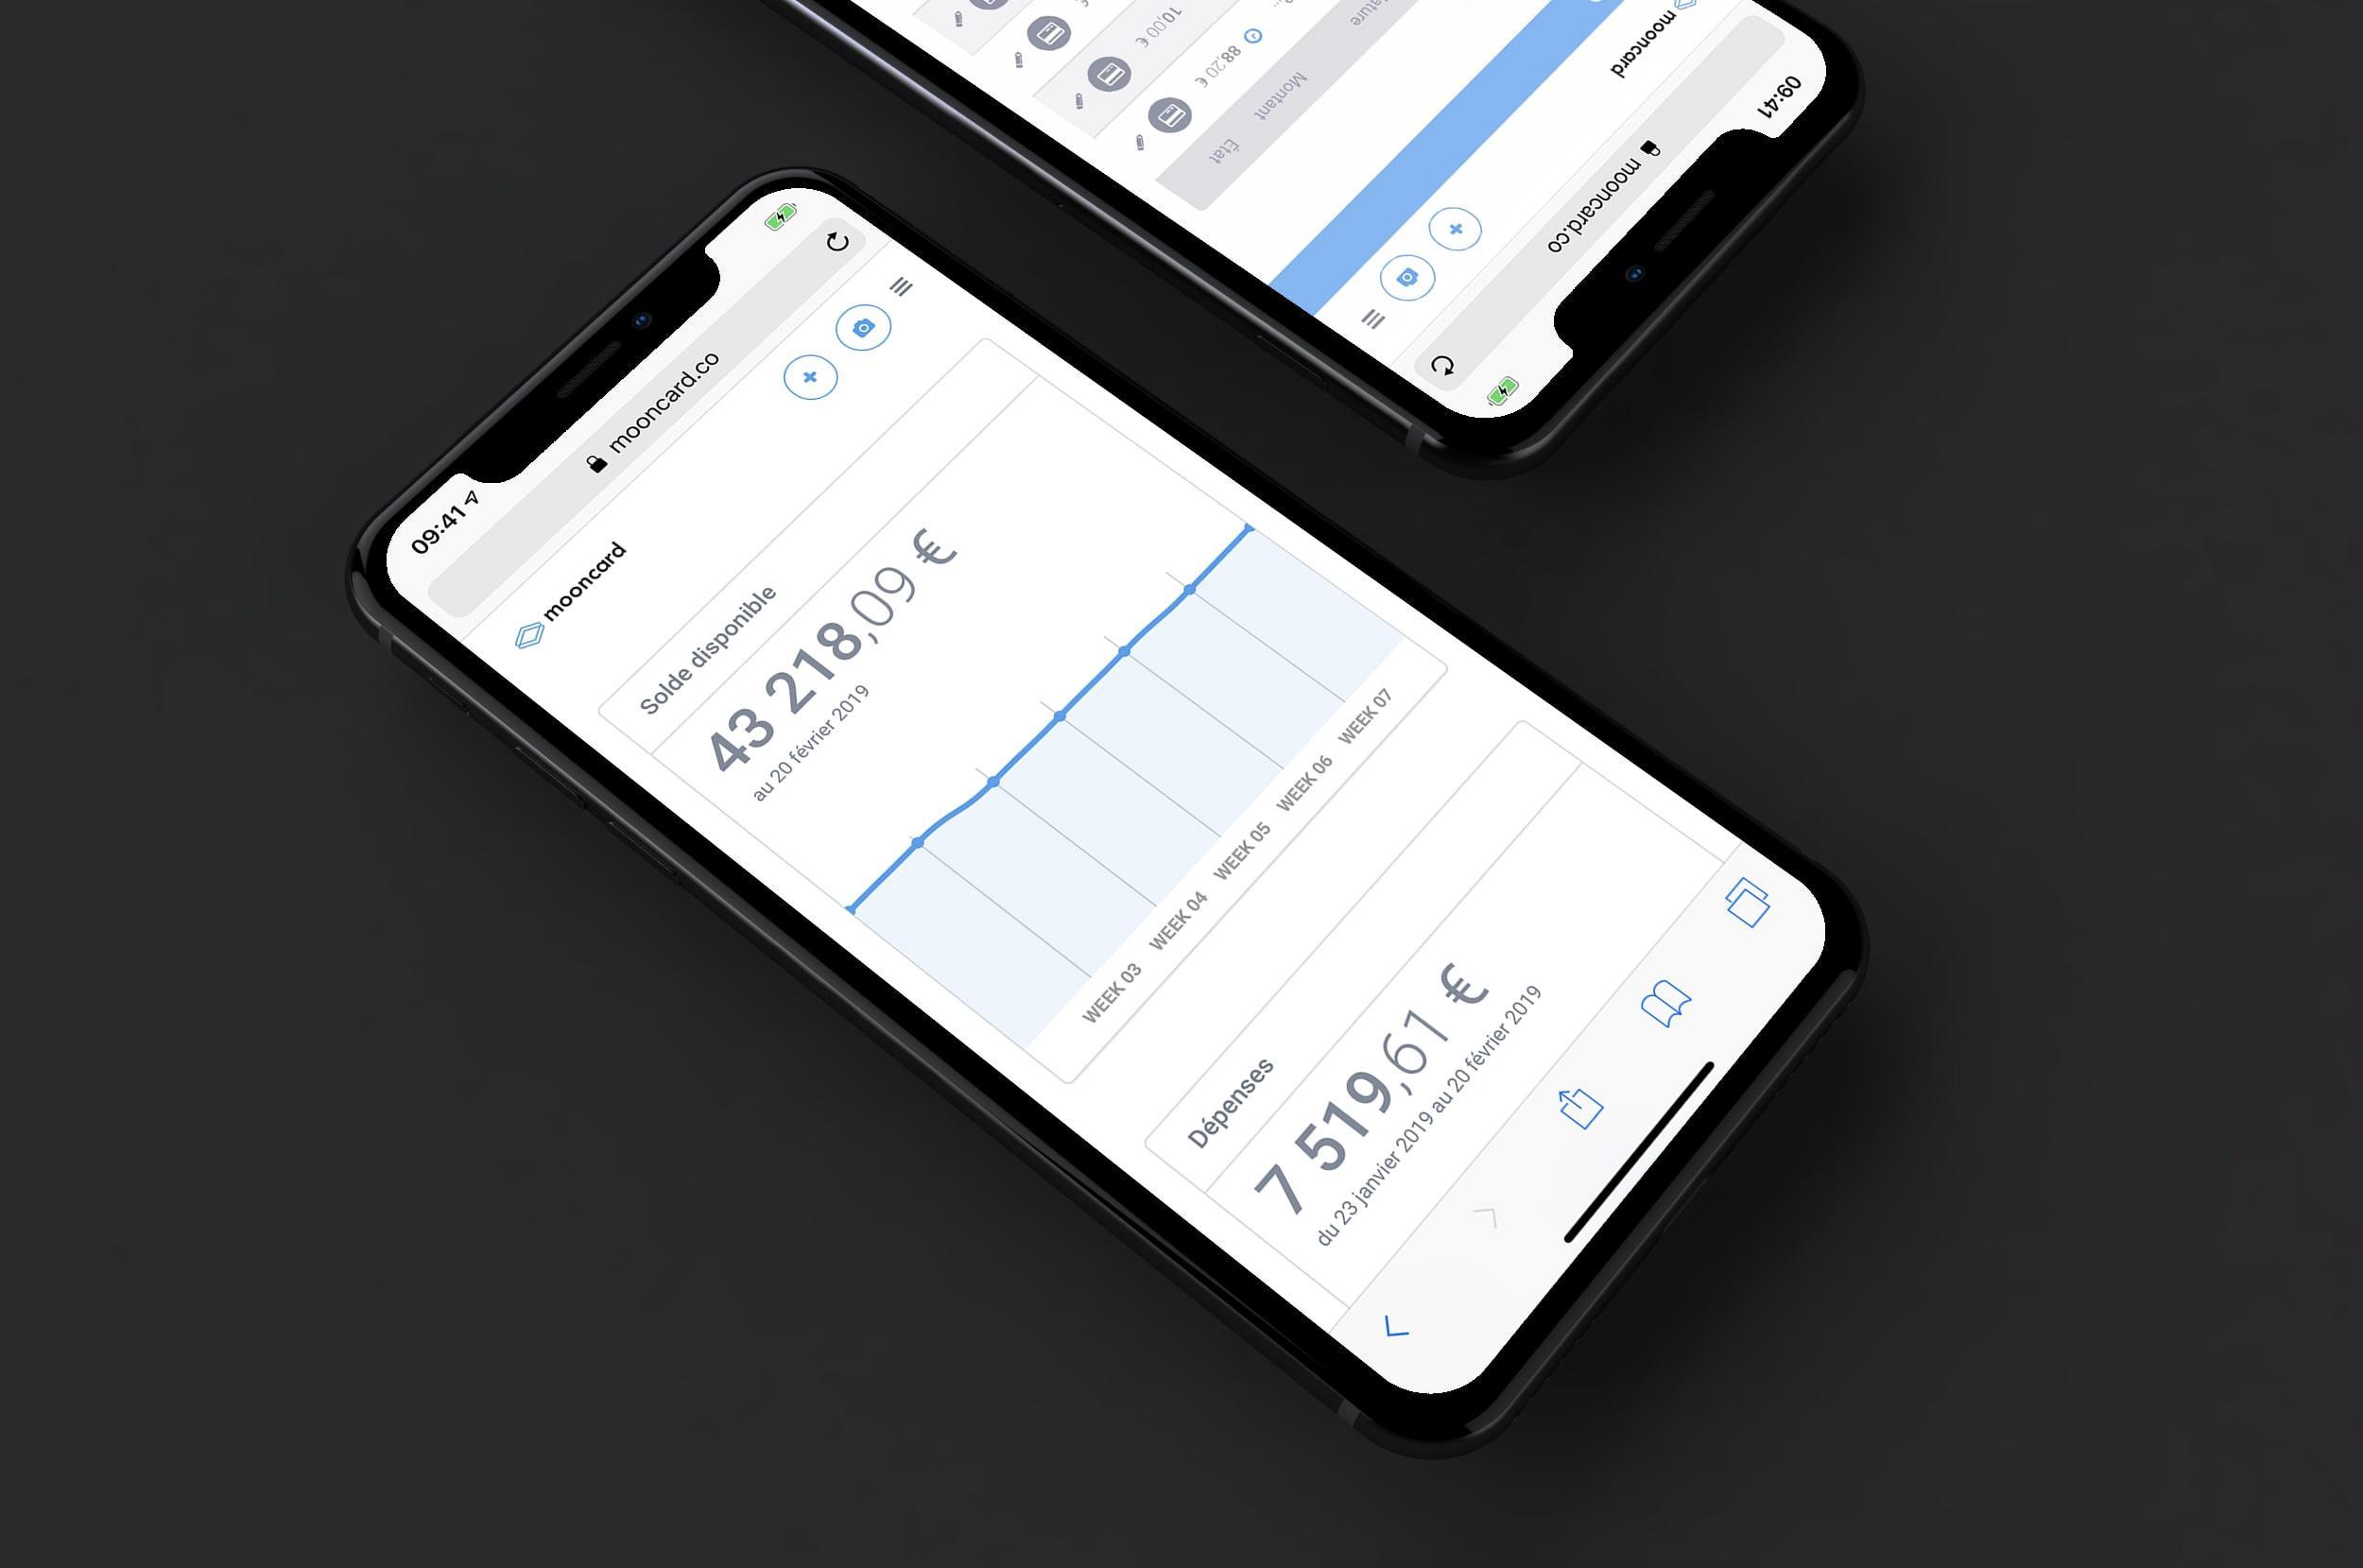 Application de gestion notes de frais Mooncard